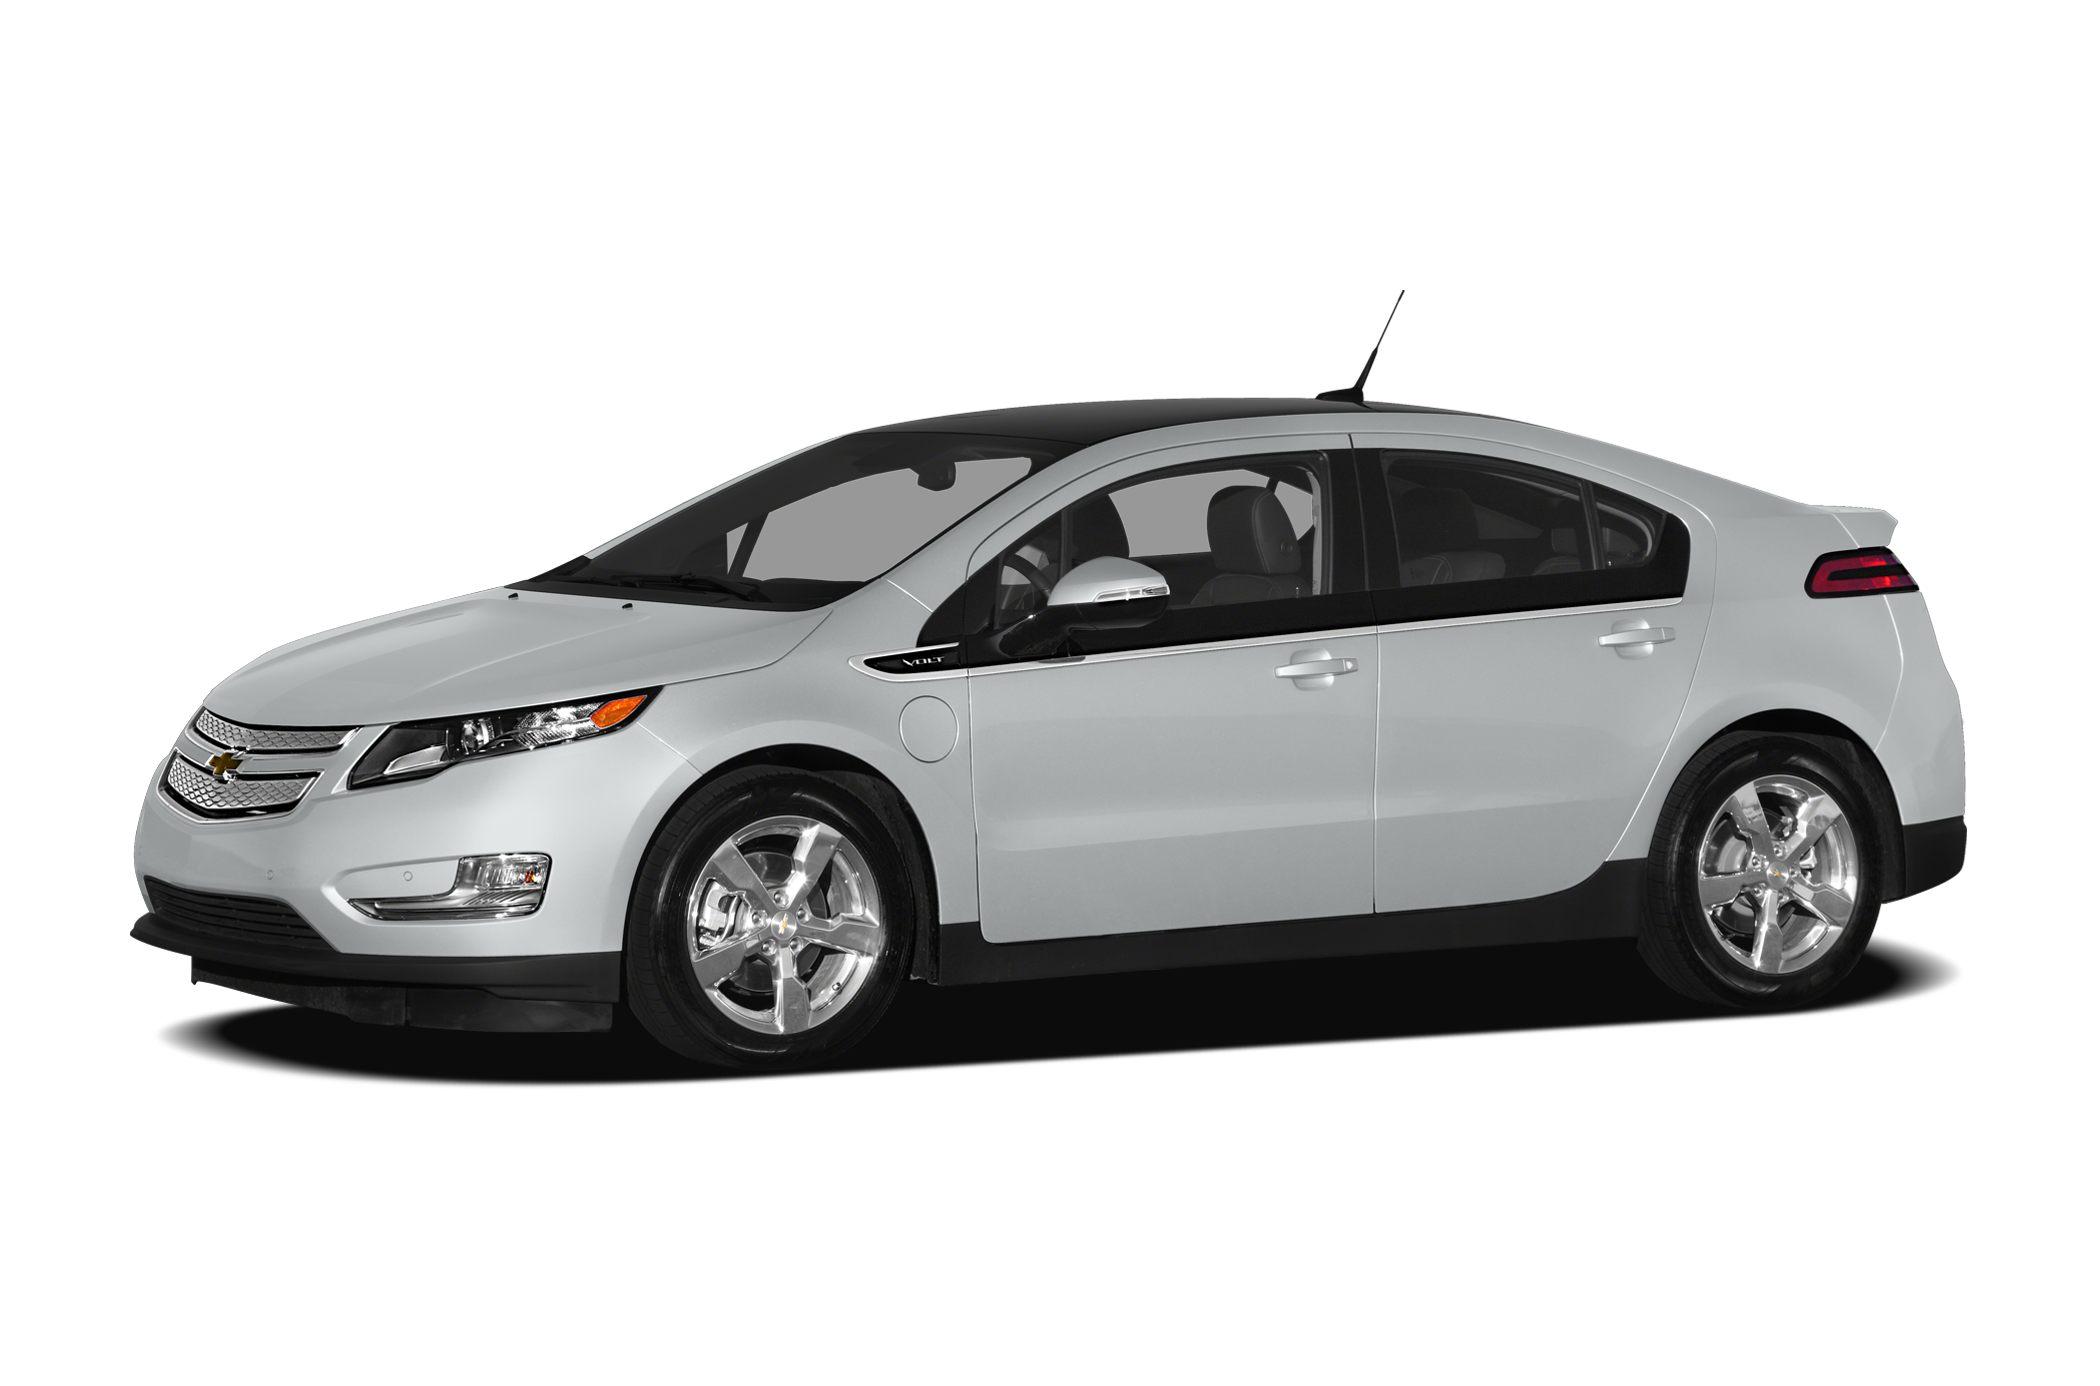 2012 Chevrolet Volt Base Hatchback for sale in Alhambra for $19,995 with 31,910 miles